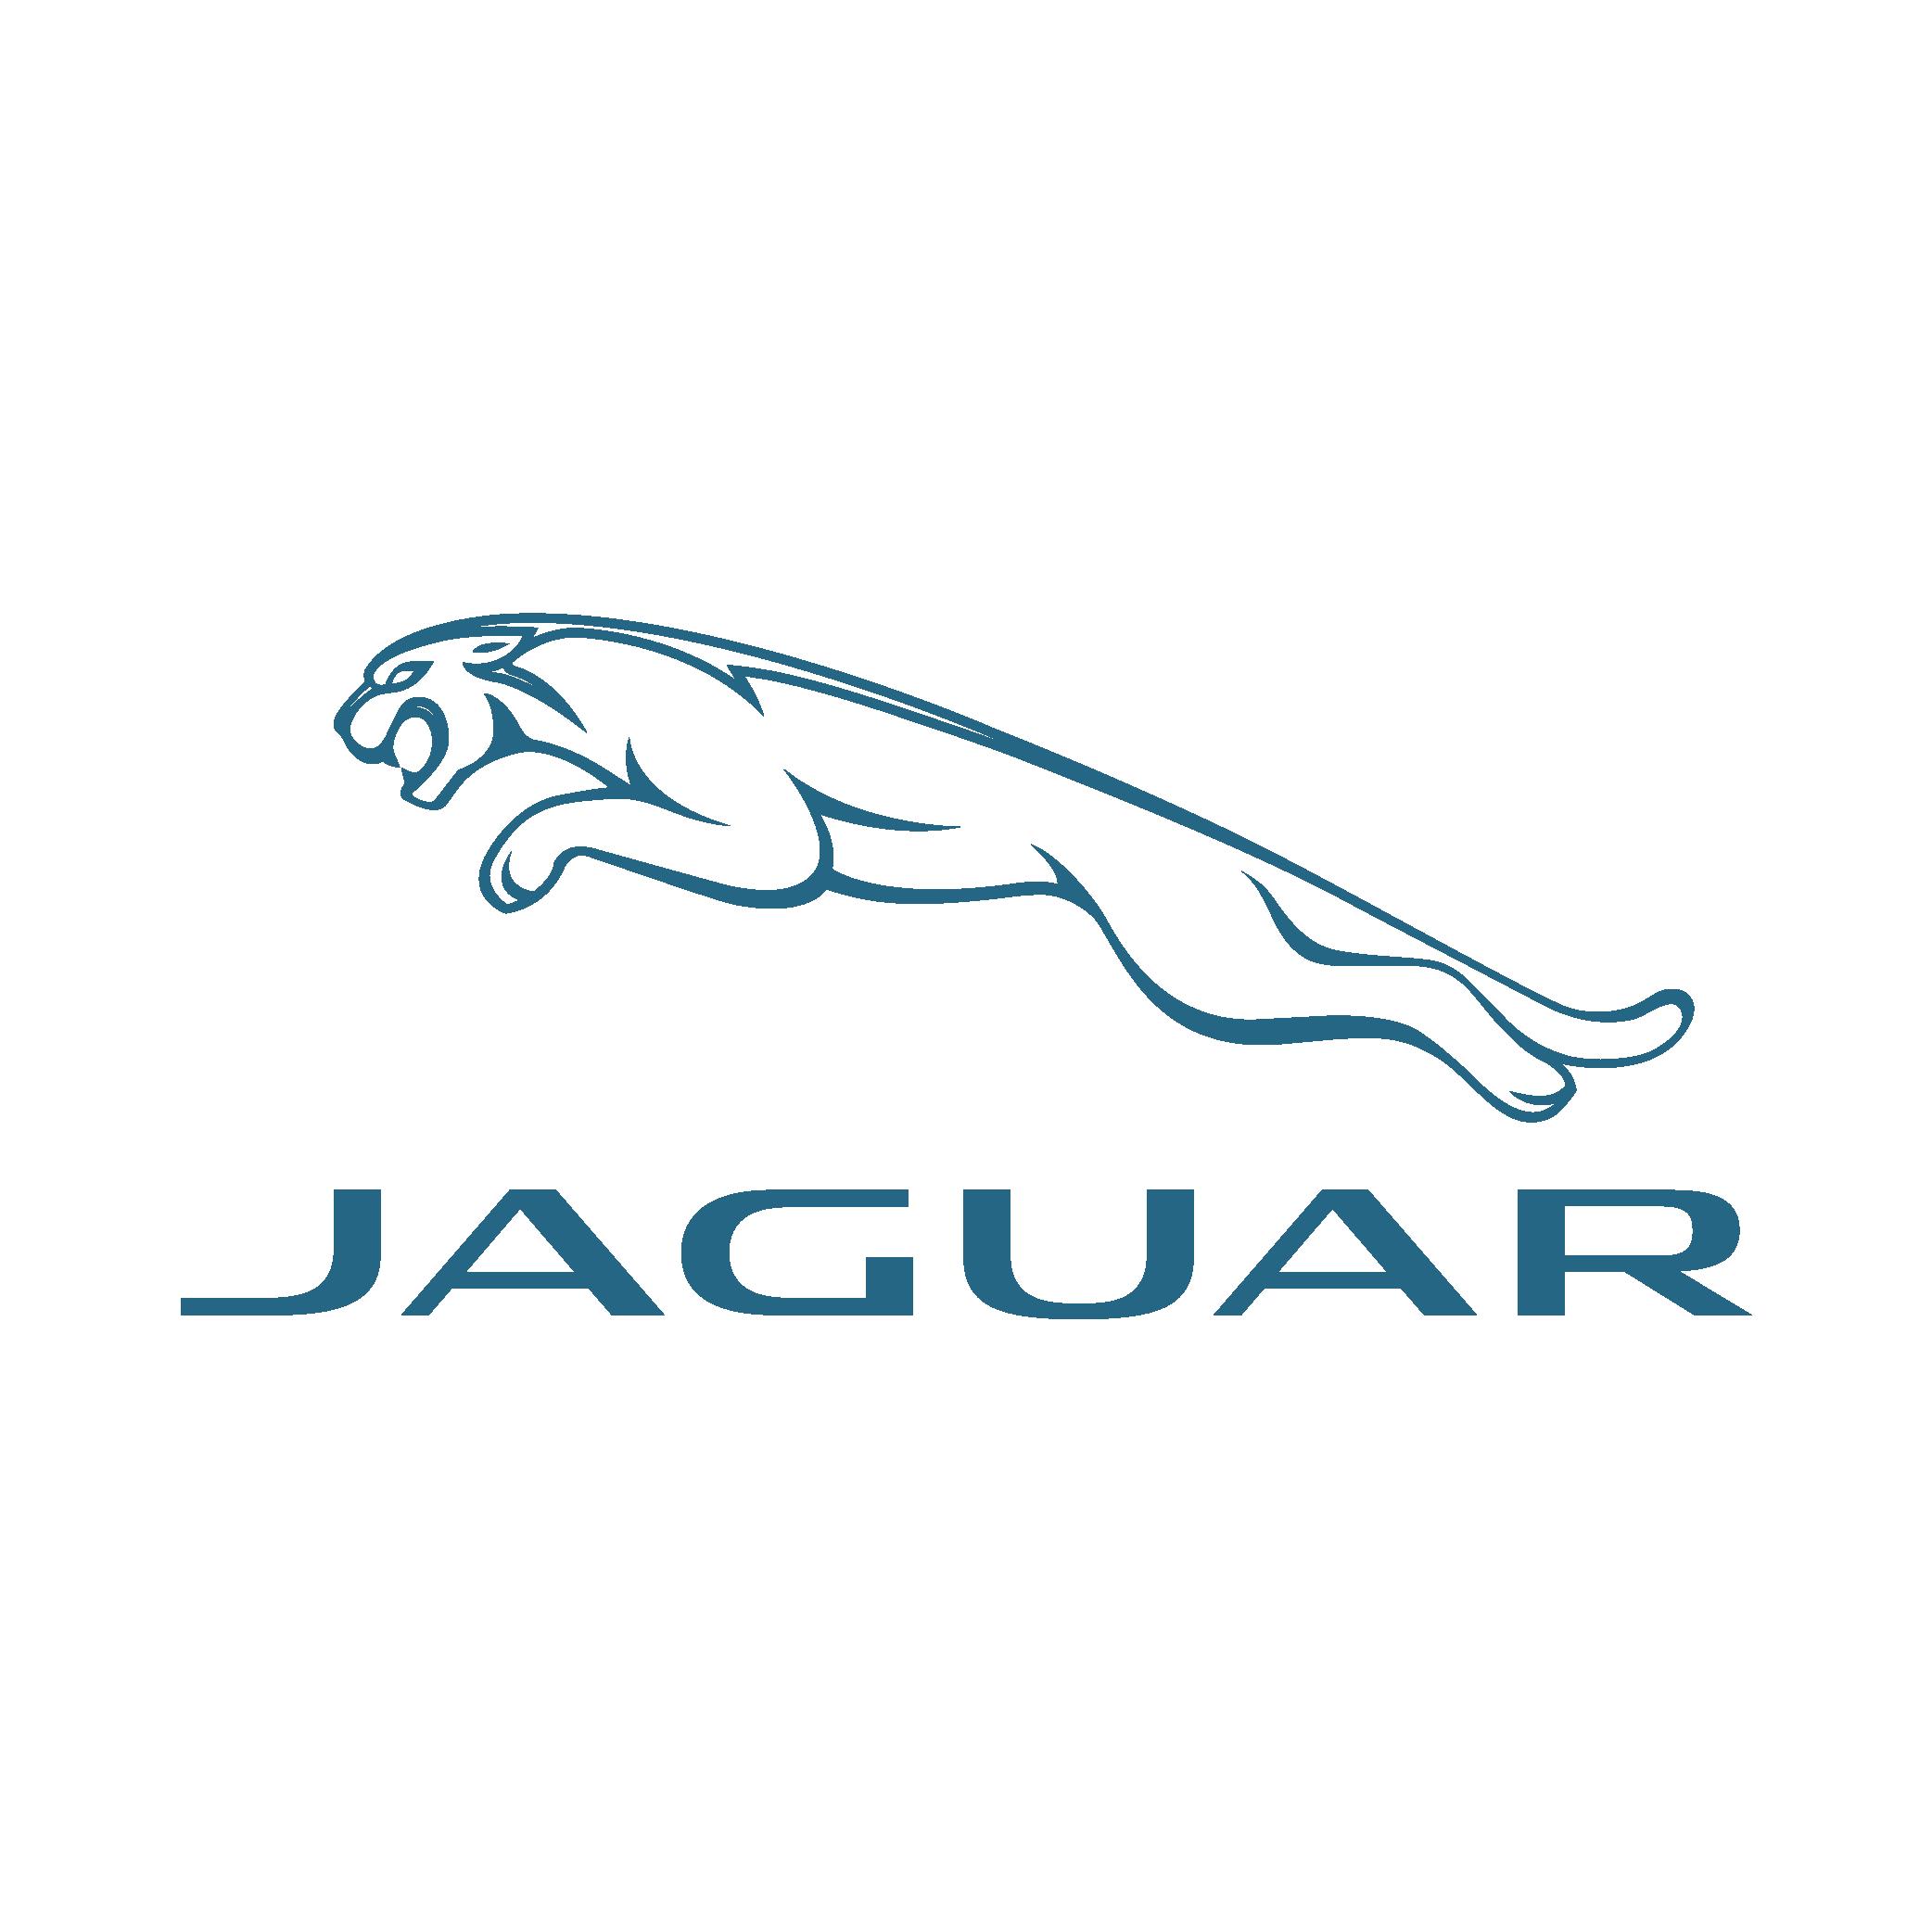 Indra - Jaguar Logo